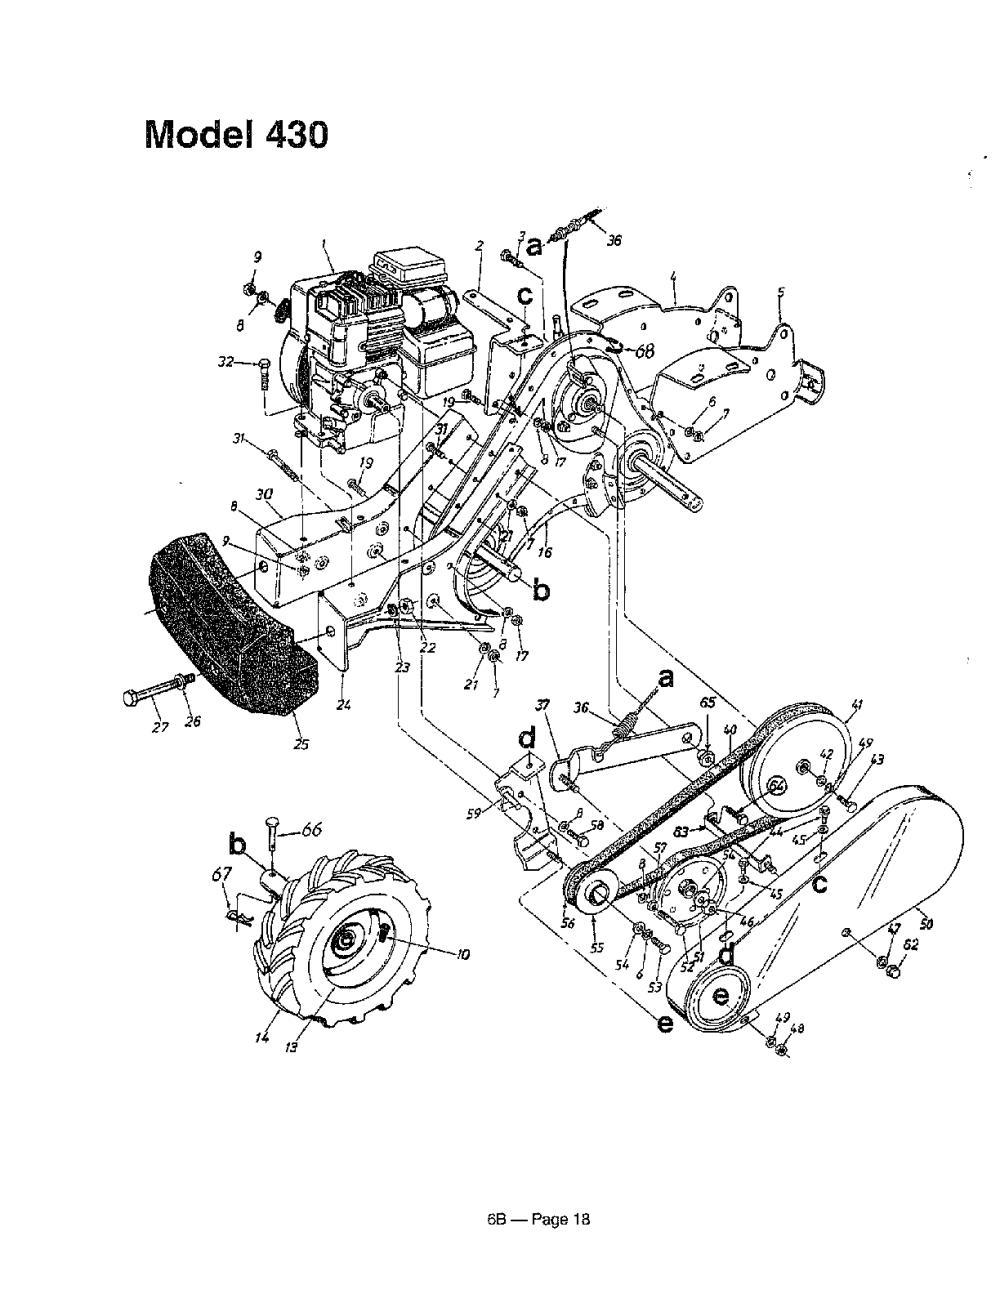 medium resolution of mtd 215 430 000 rear tine tiller page 6 diagram